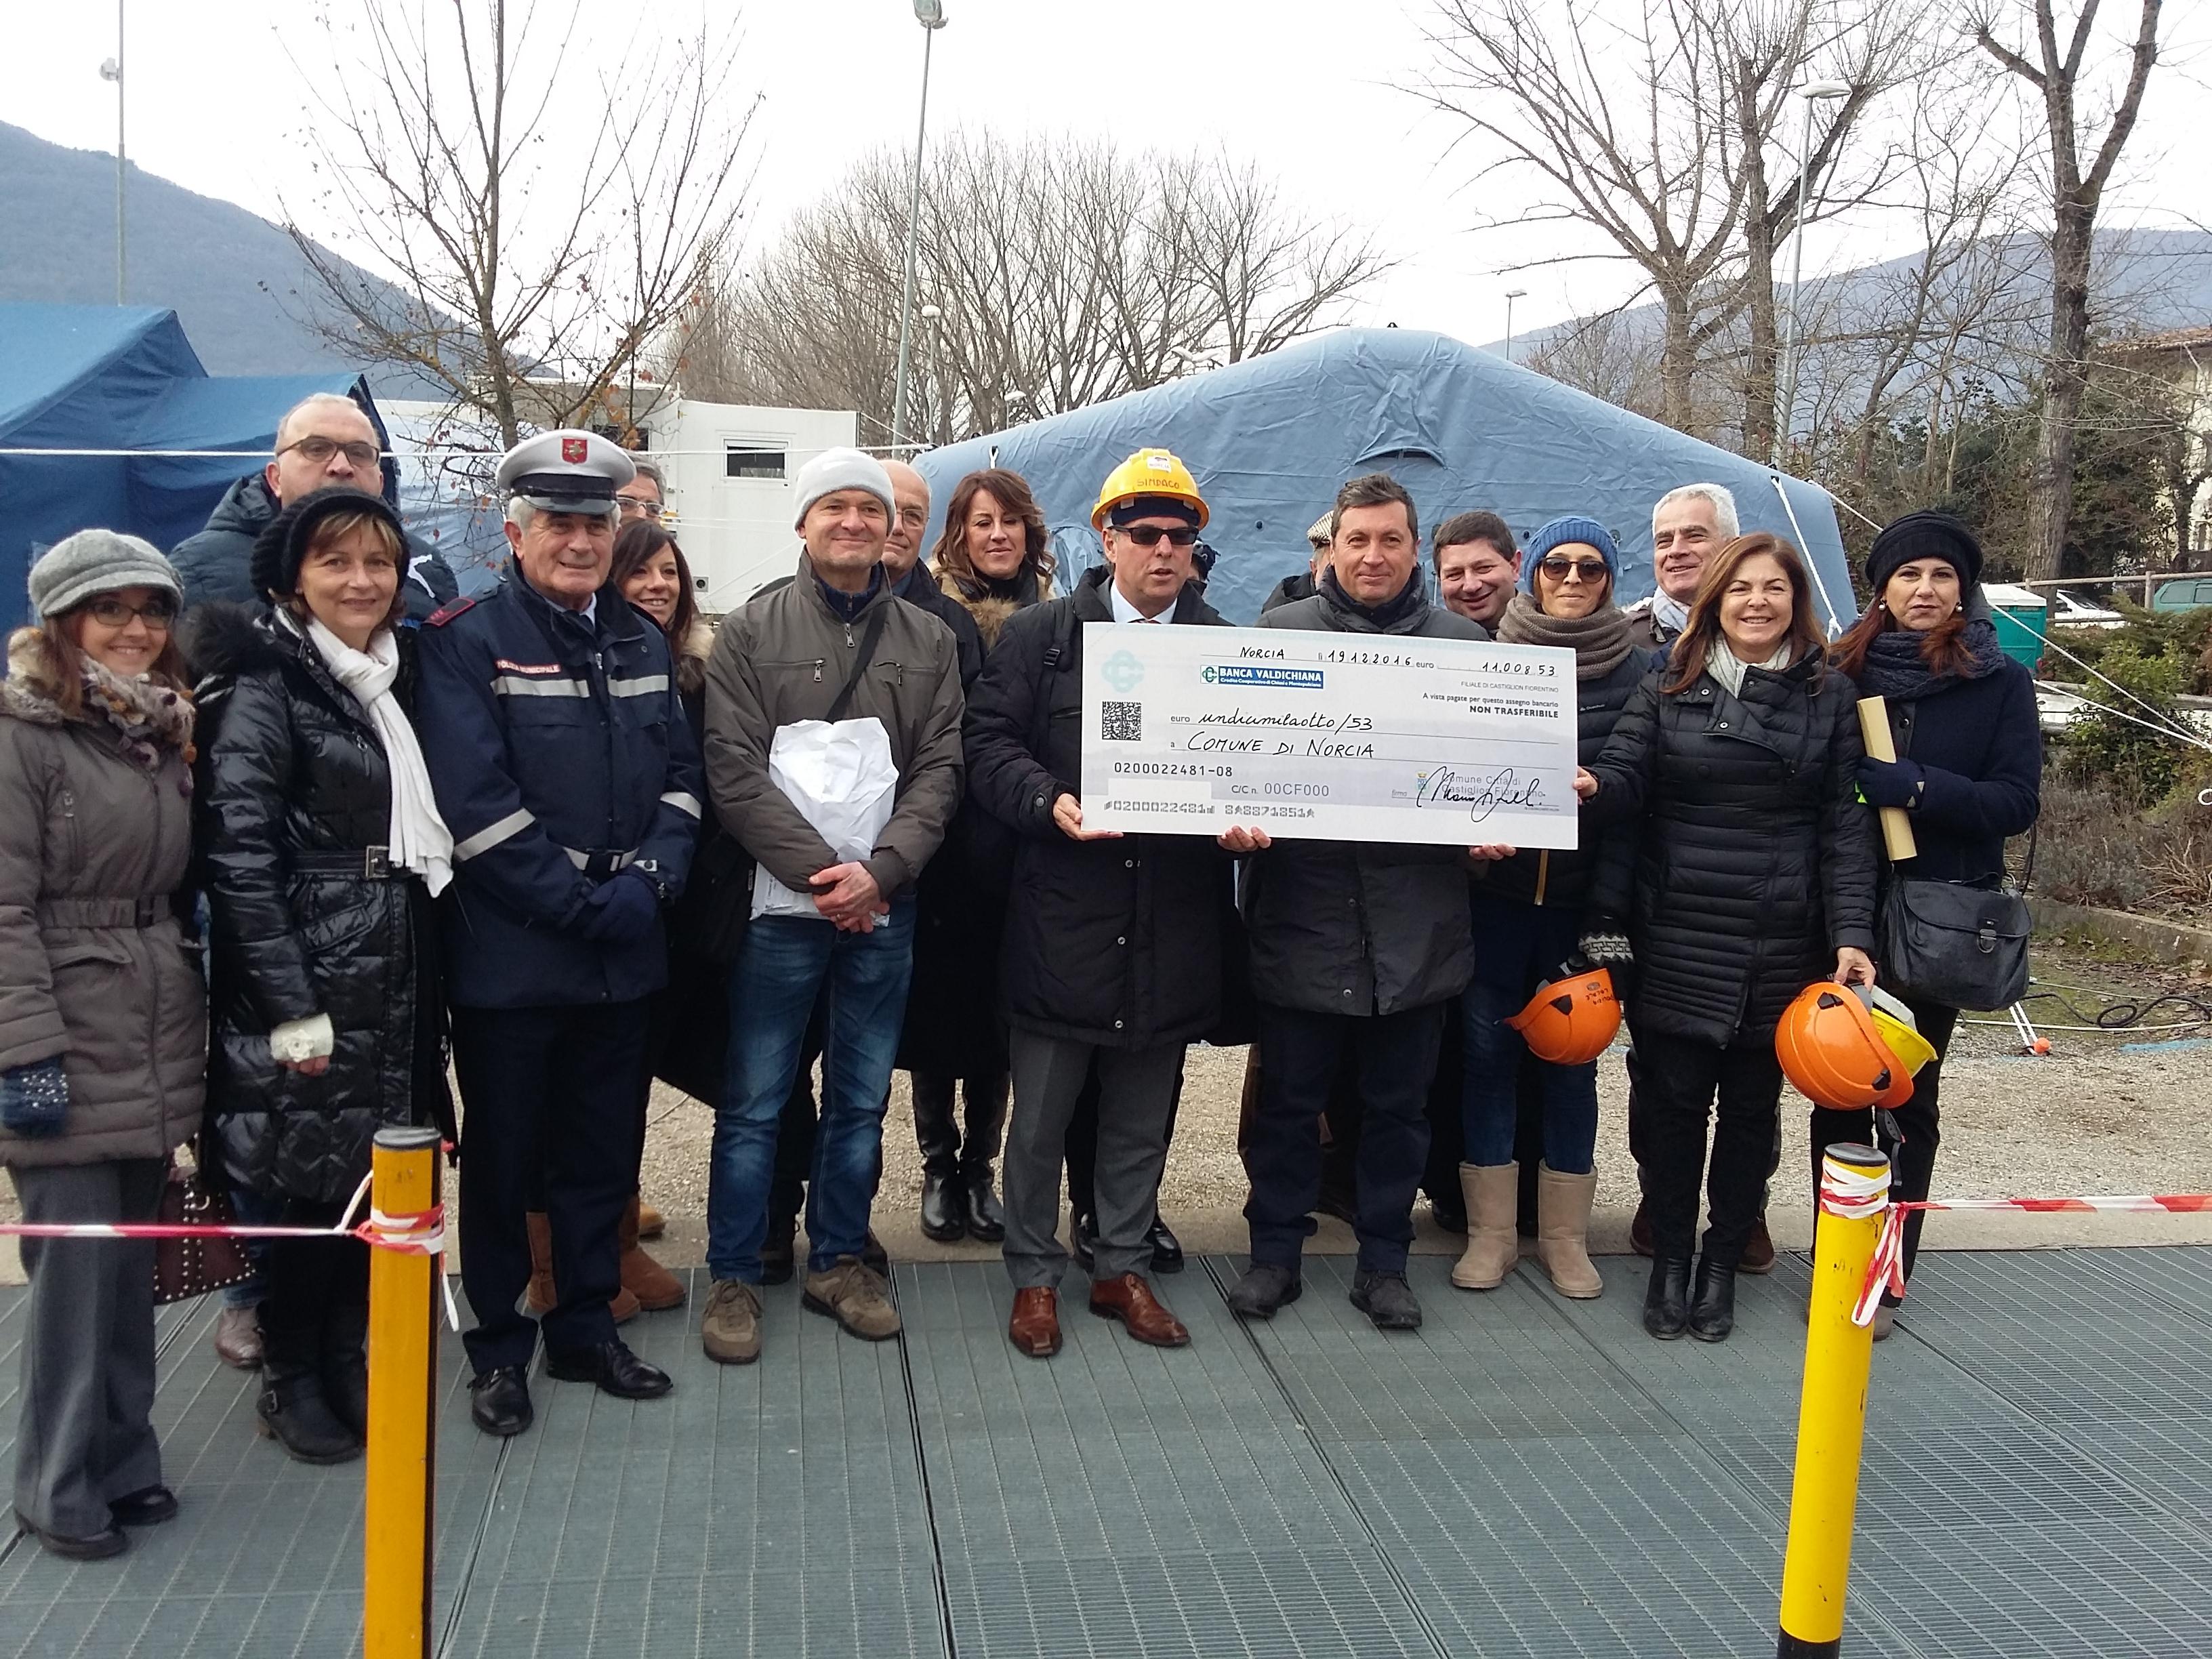 Castiglion Fiorentino in visita a Norcia: consegnati 11mila euro